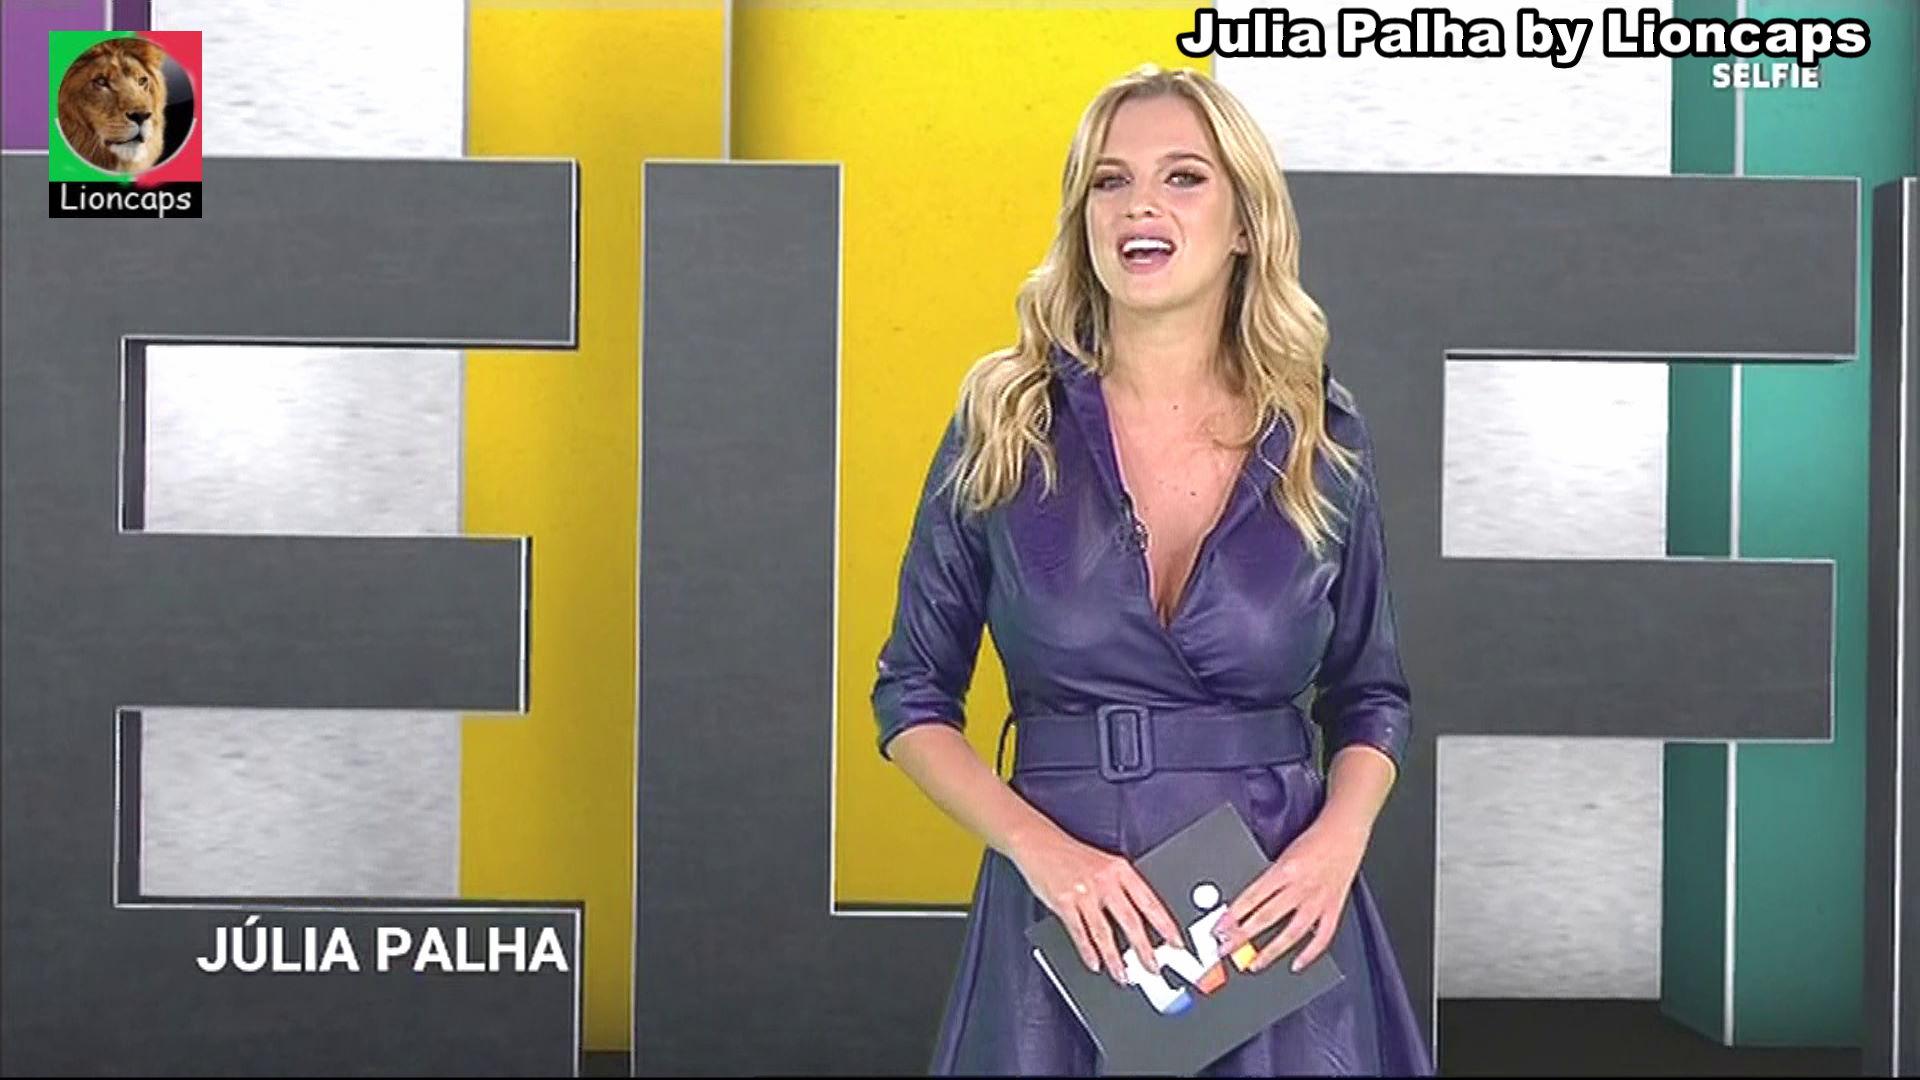 827016372_julia_palha_vs181226_02714_122_135lo.JPG